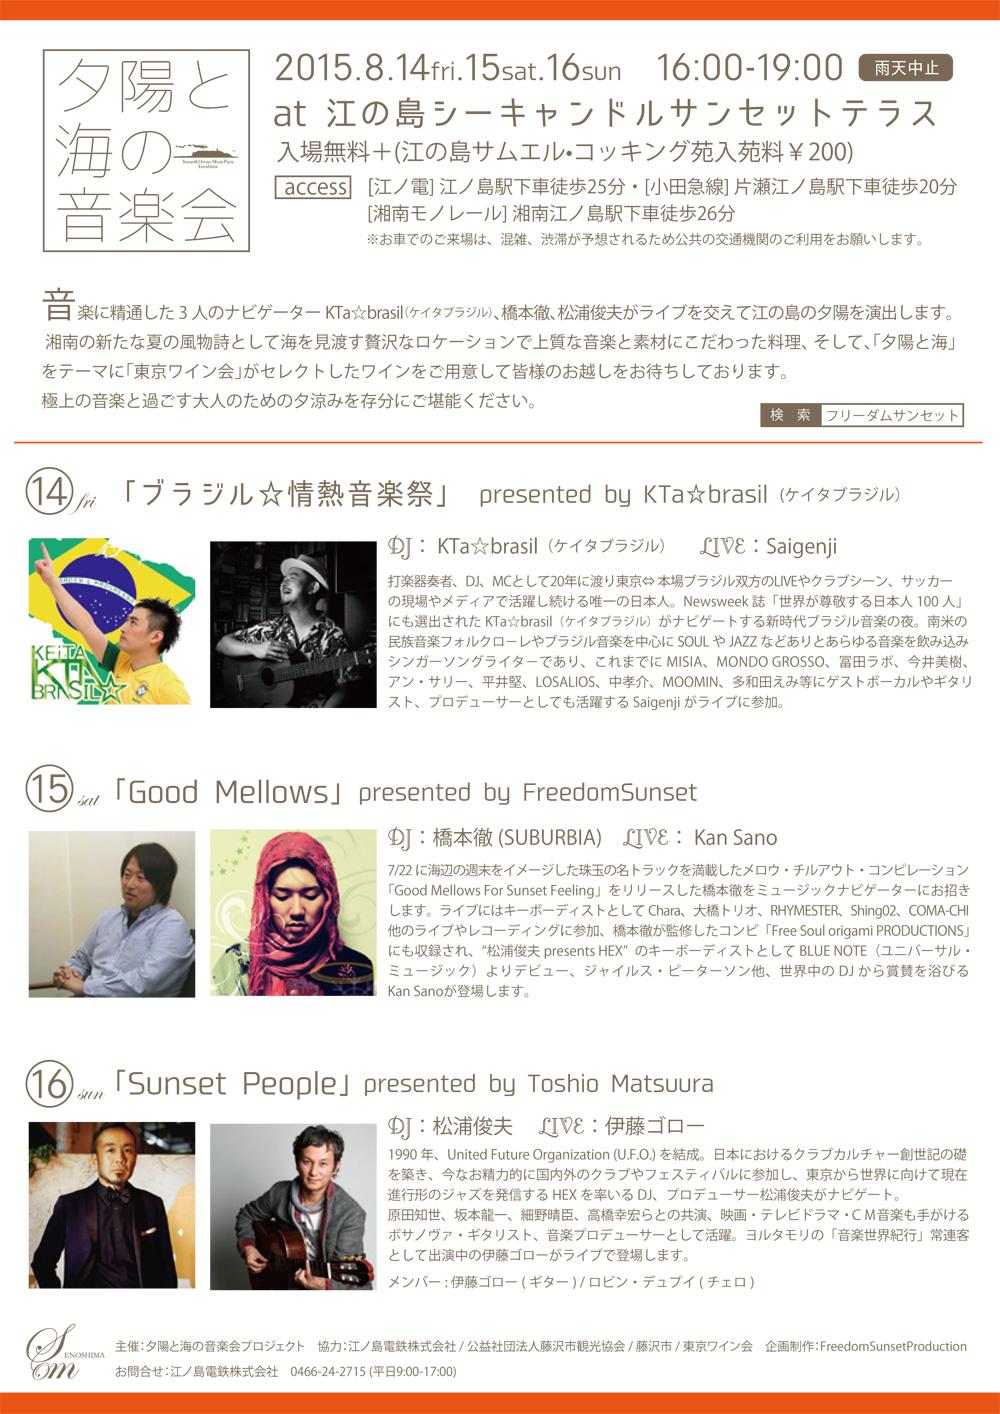 【随時更新】8・14(金)◉16:00-19:00 無料 ♬Saigenji x KTa☆brasil【夕陽と海の音楽祭】江ノ島→_b0032617_1413416.jpg